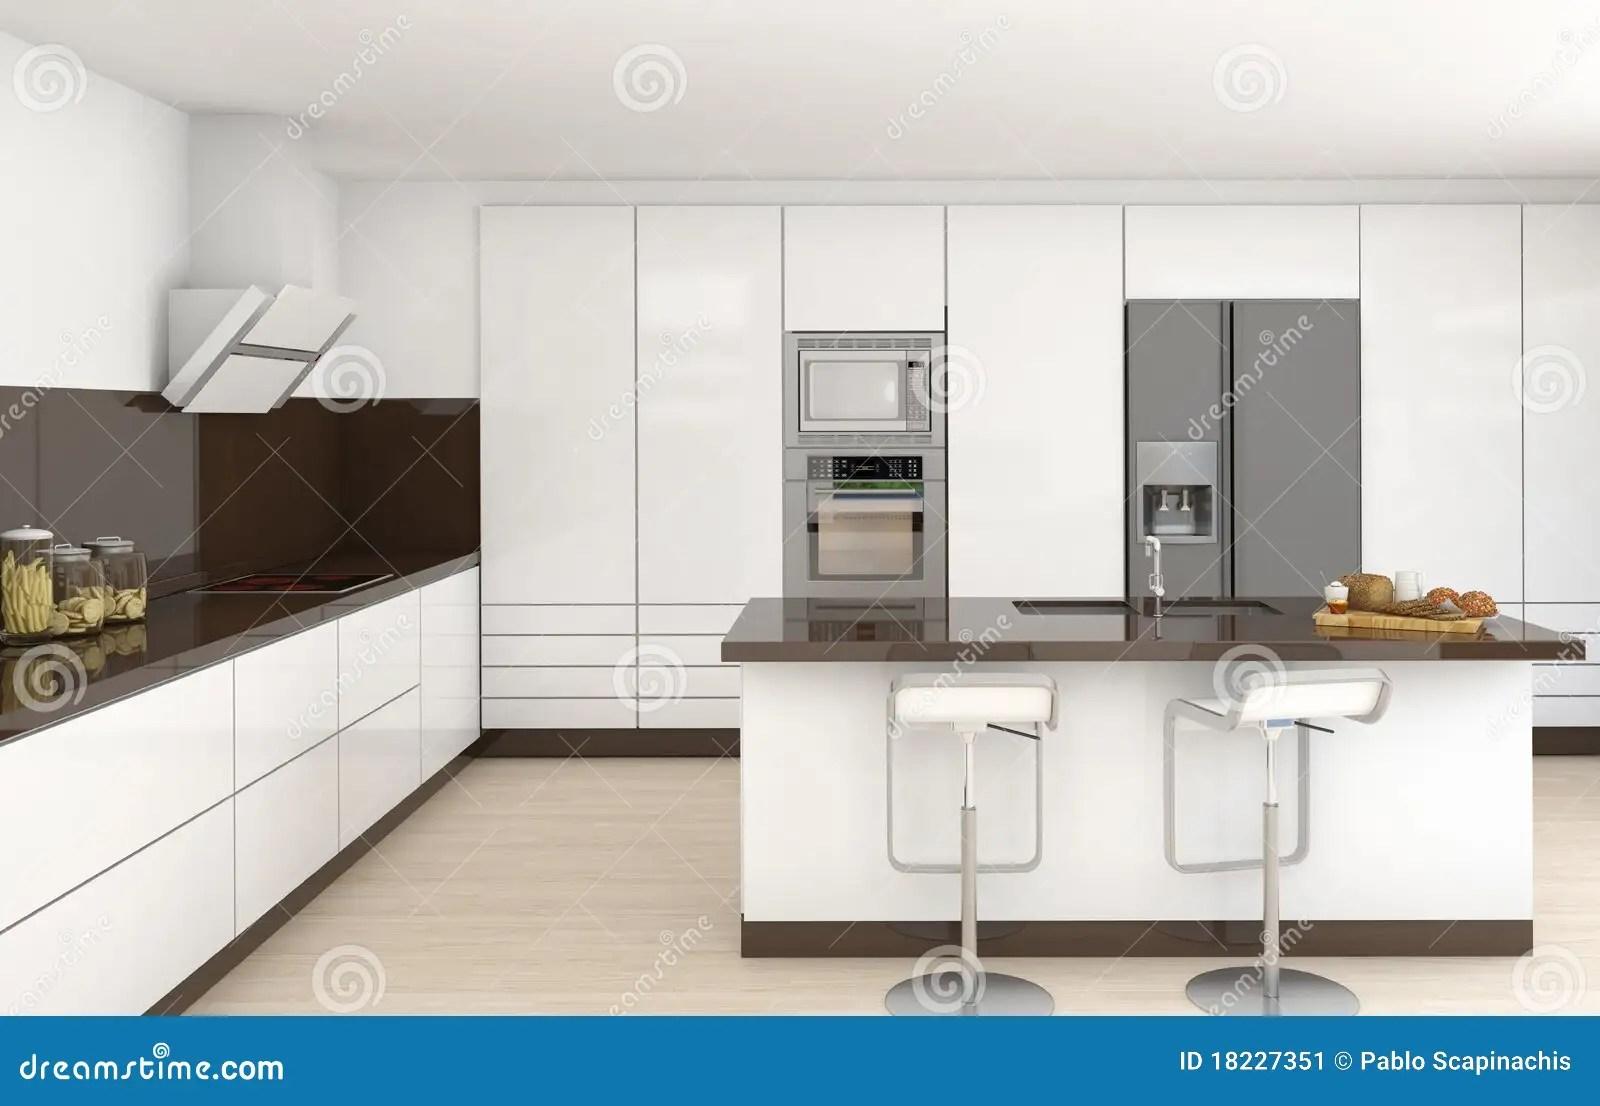 Cocina blanca y marrn interior